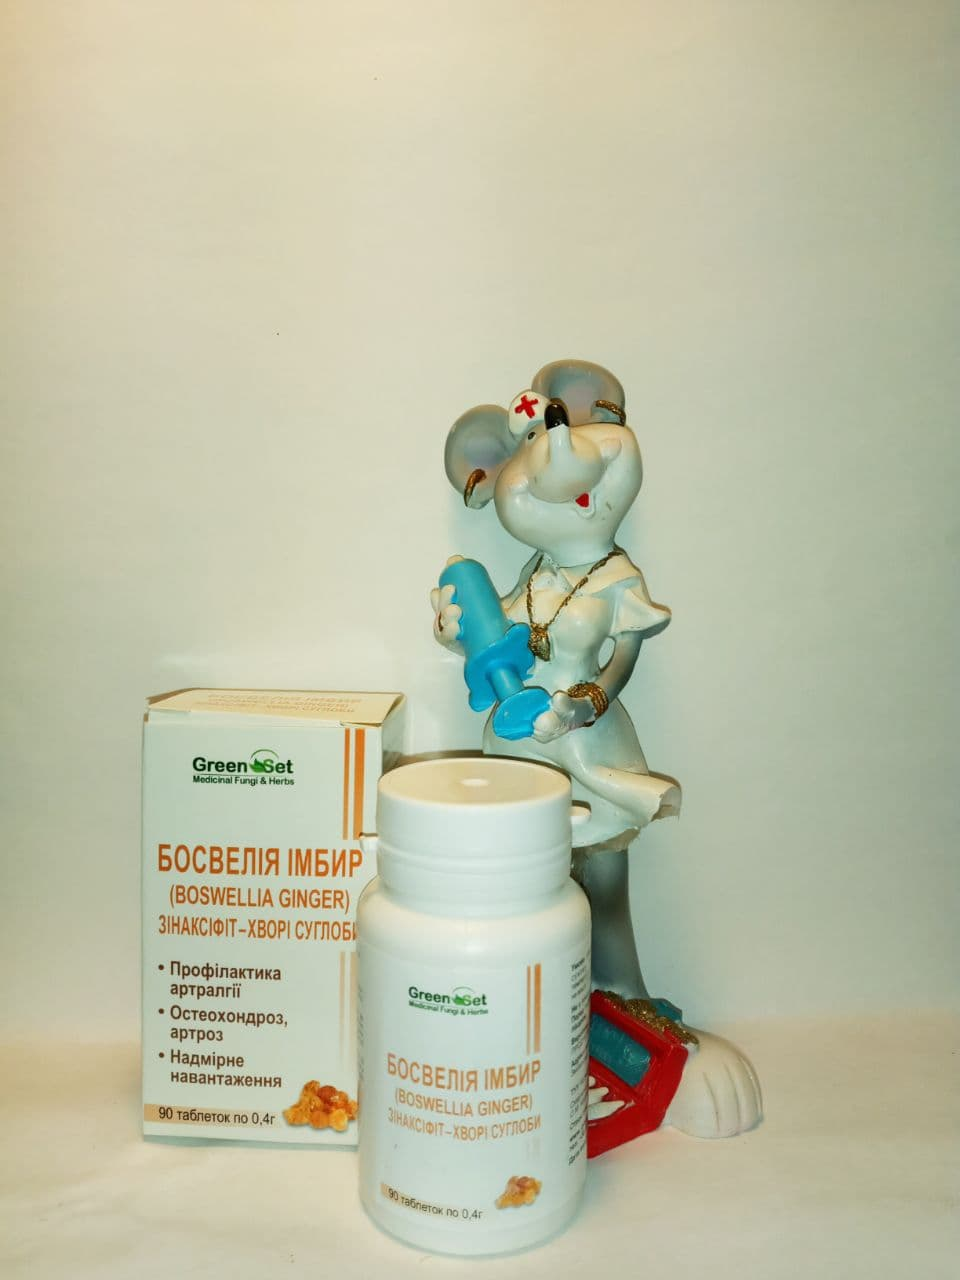 Босвелия-Имбирь в таблетках как растительный не стероидный препарат при заболевании суставов, дегенеративных изменениях в суставах, выраженным болевом синдроме в суставах